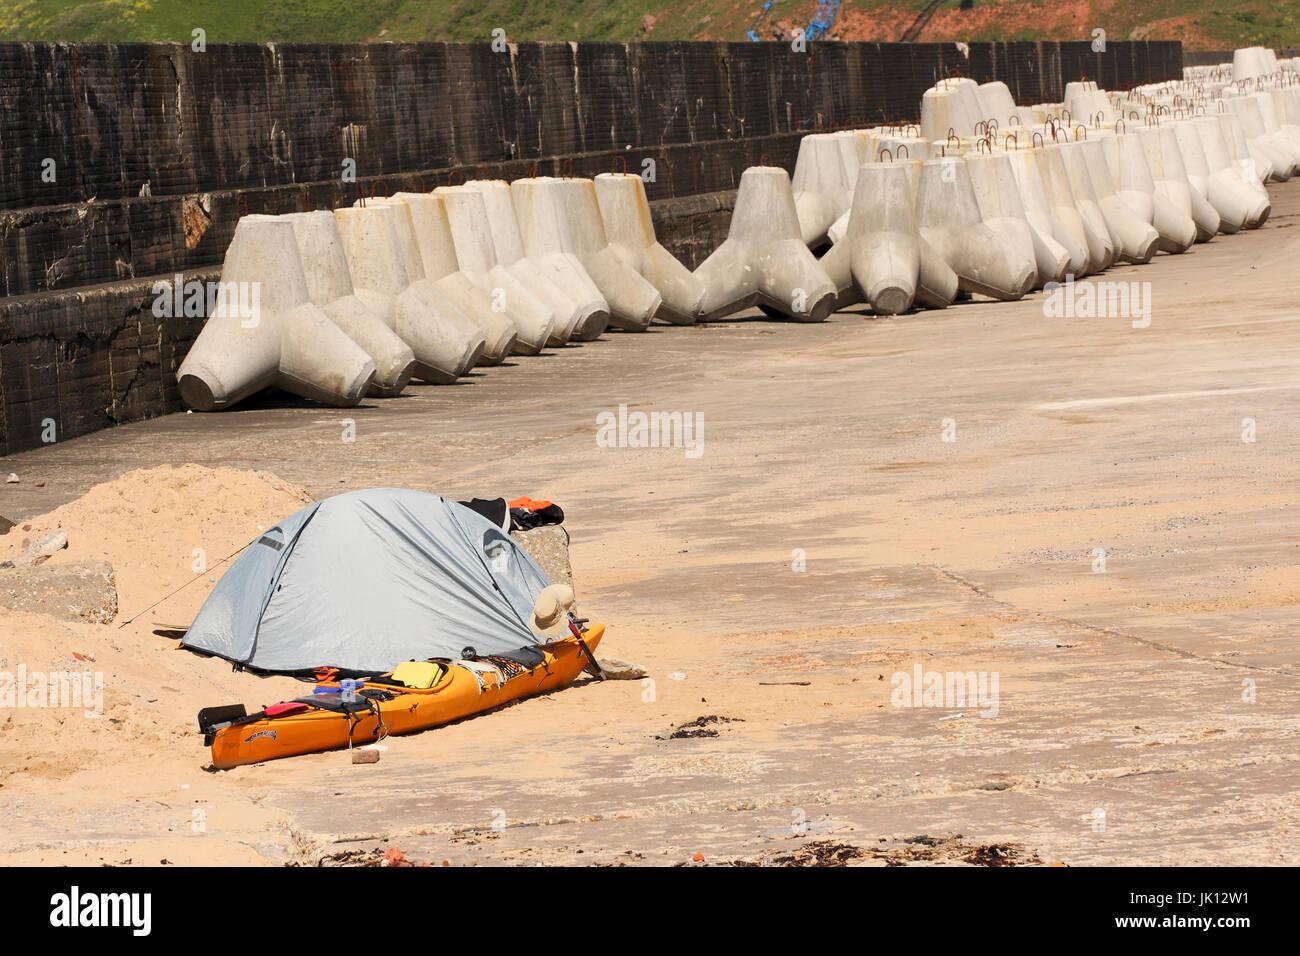 World stroller, sea kayak in the harbour of Helgoland, Weltenbummler, Seekajak im Hafen von Helgoland - Stock Image